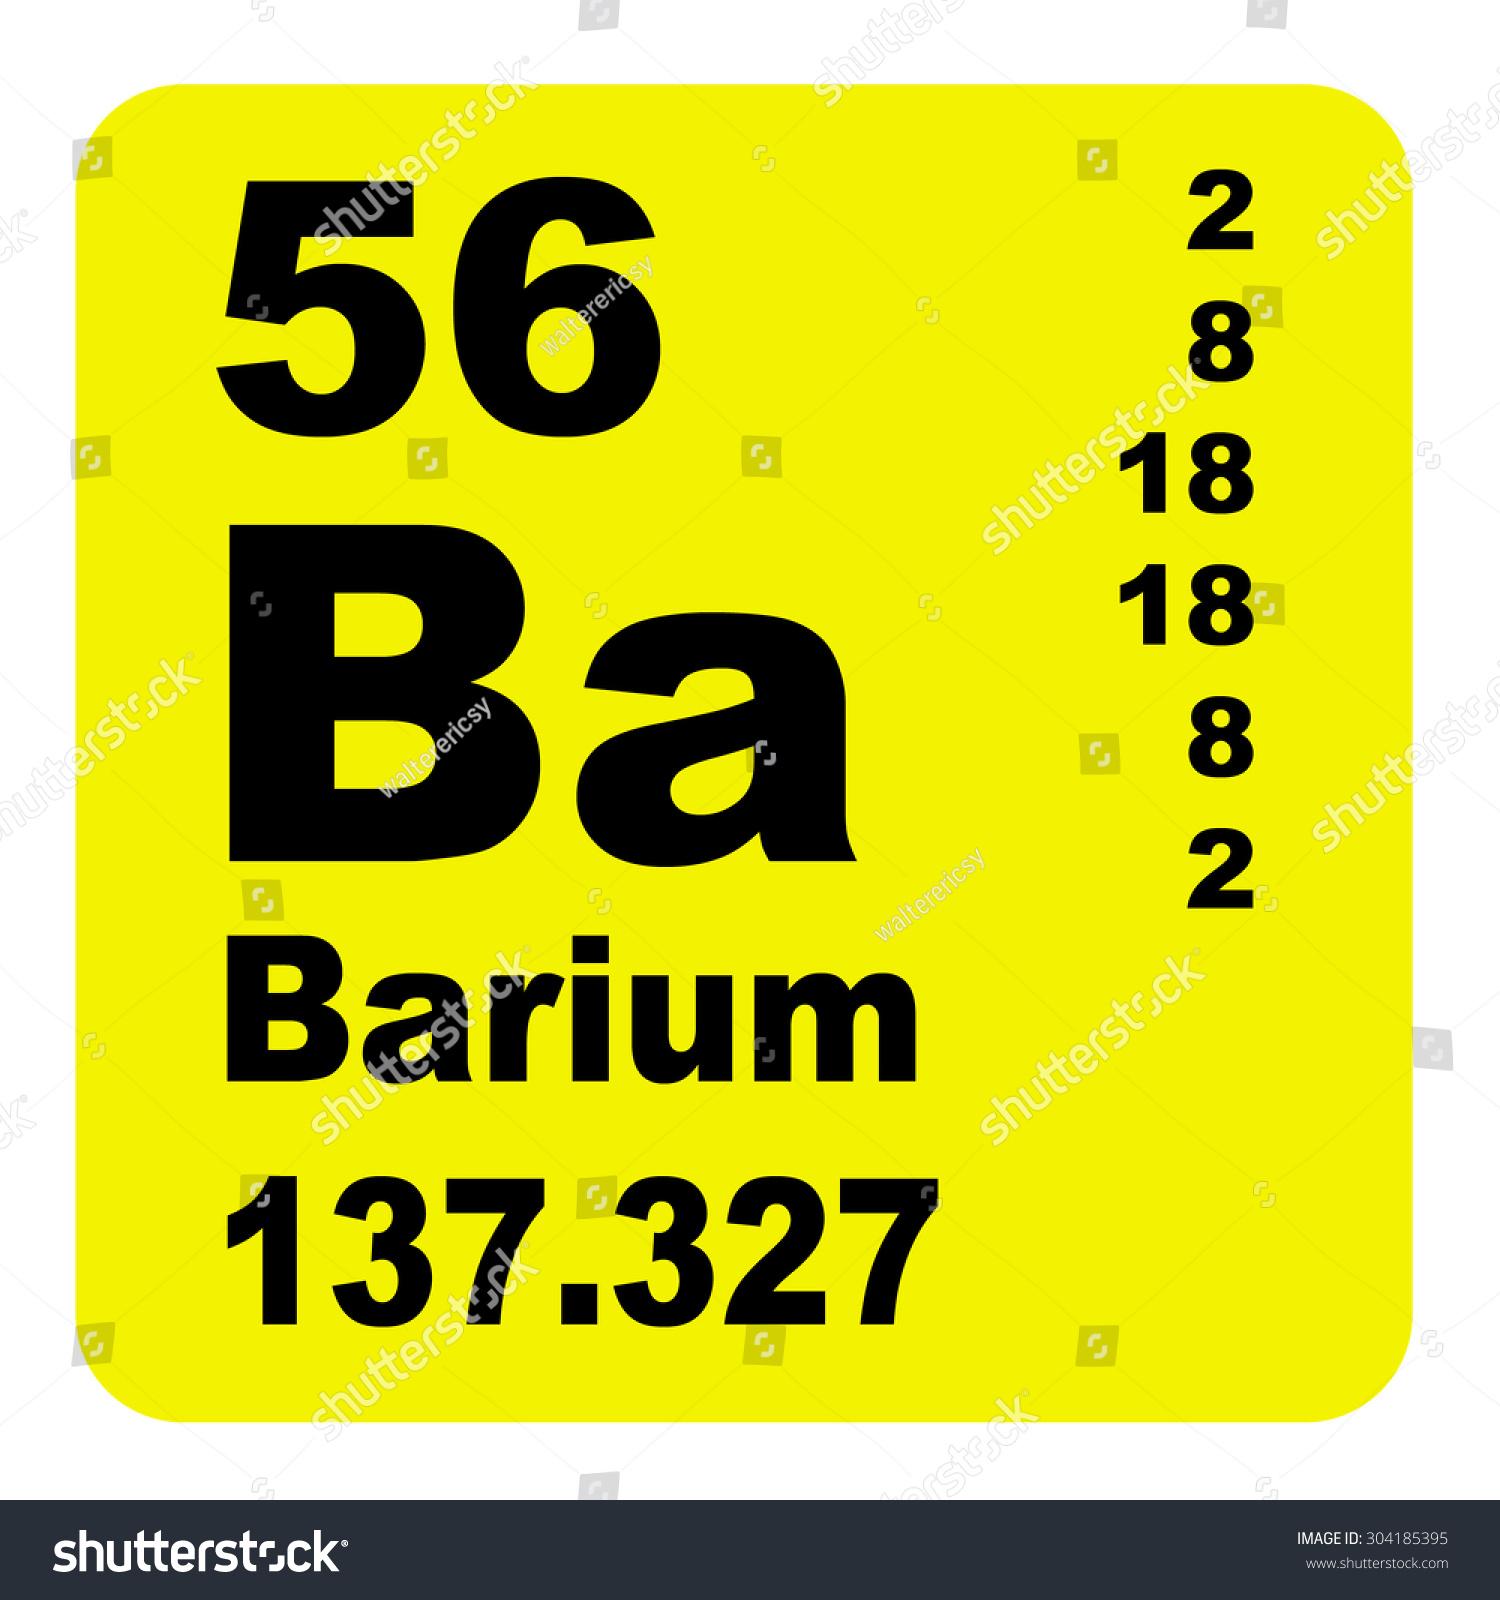 Periodic table barium gallery periodic table images ba element periodic table choice image periodic table images periodic table barium gallery periodic table images gamestrikefo Image collections